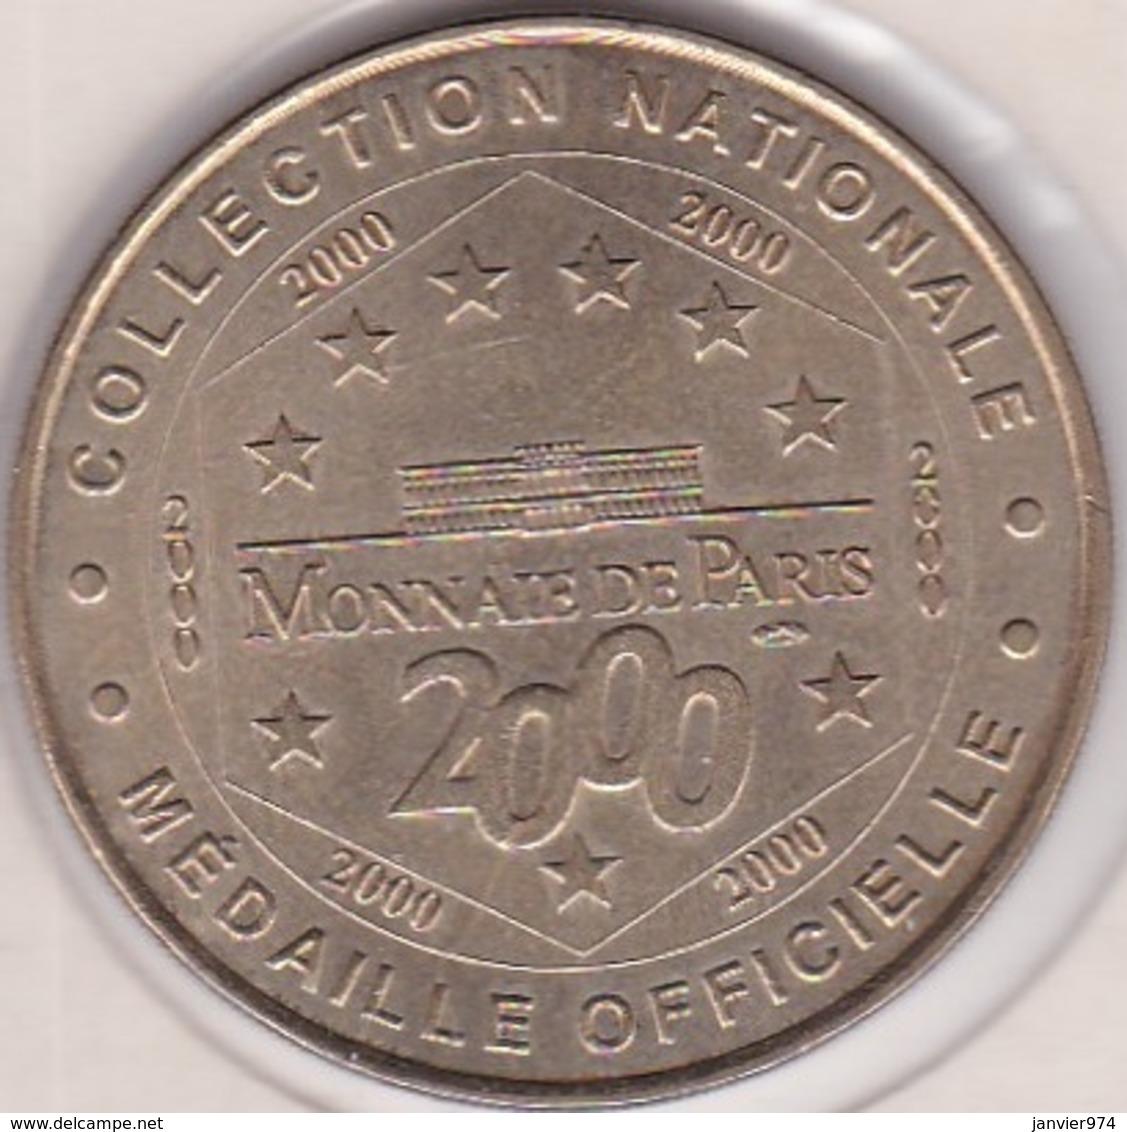 12. Aveyron.  Saint-Léon. Micropolis La Cité Des Insectes 2000.  Monnaie De Paris - 2000